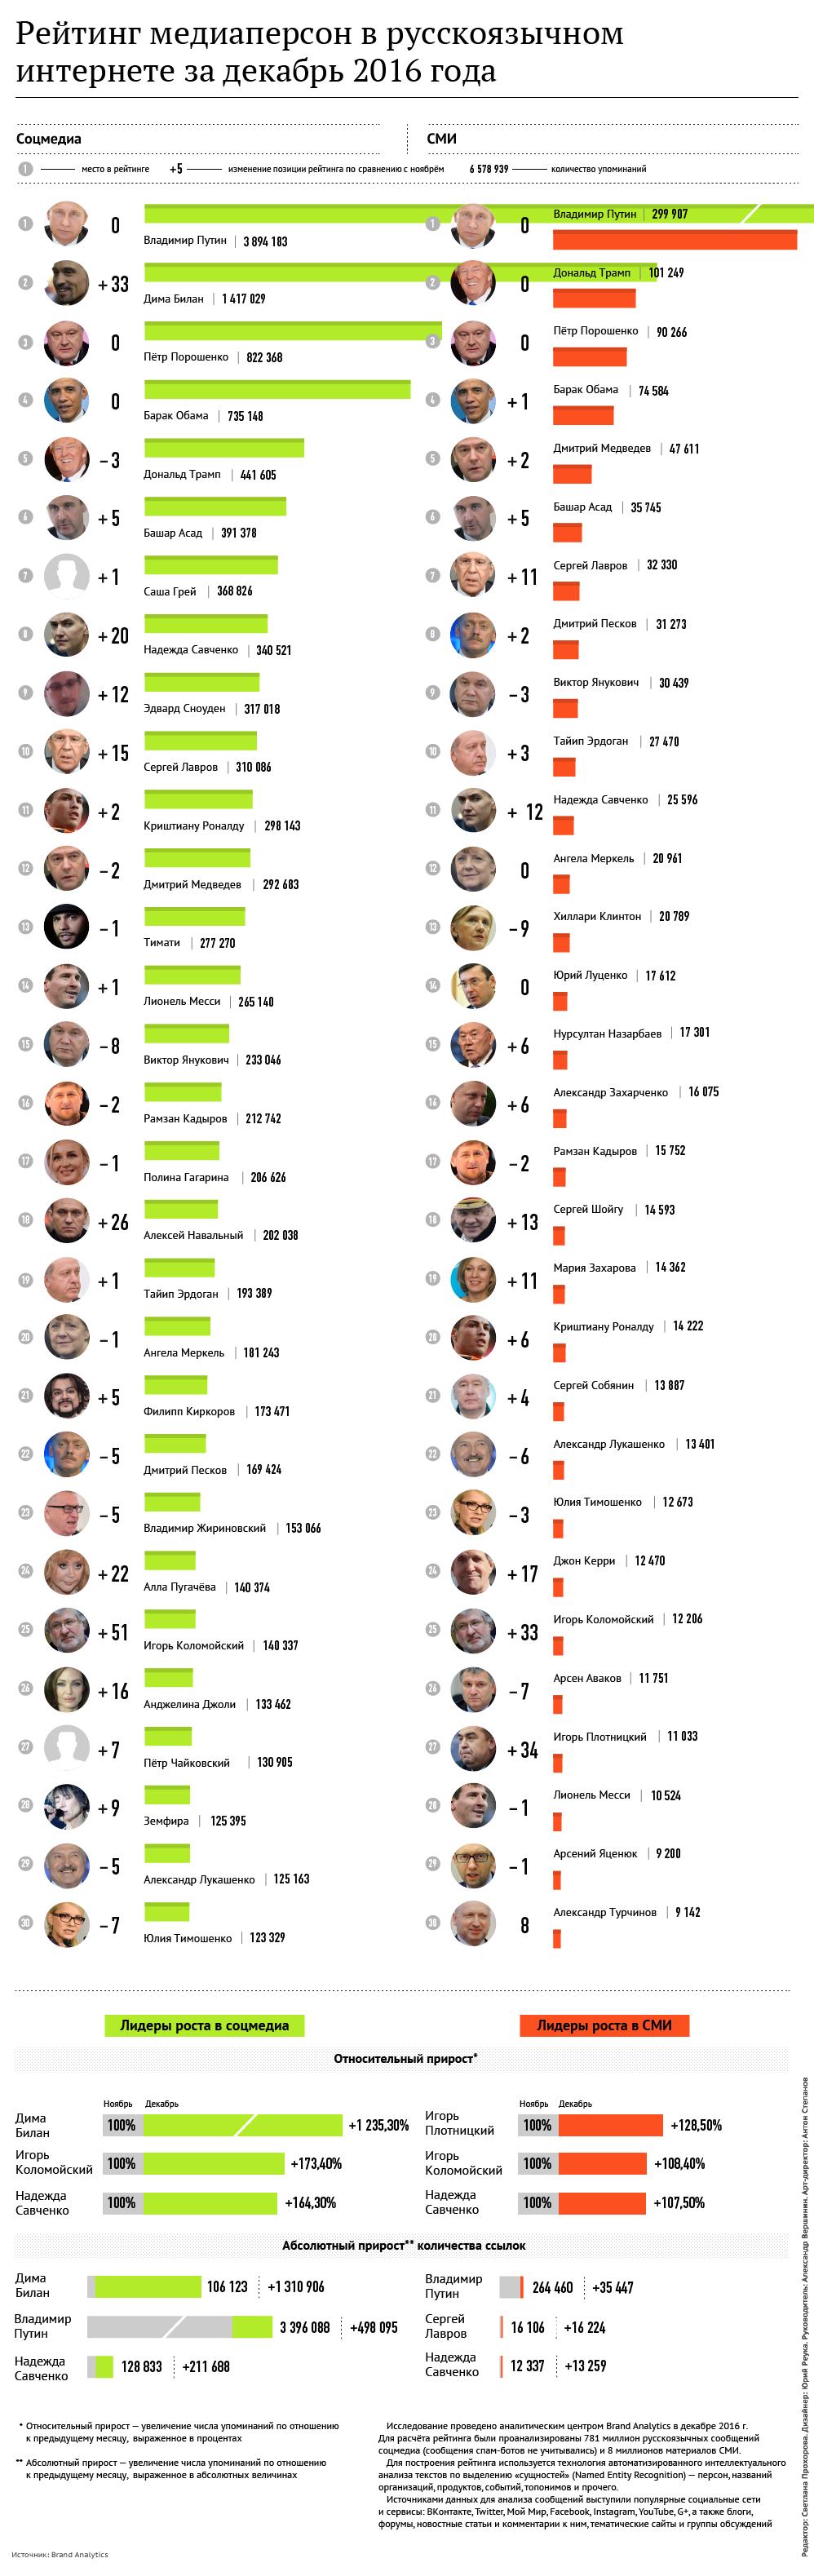 Рейтинг медиаперсон в русскоязычном интернете за декабрь 2016 года